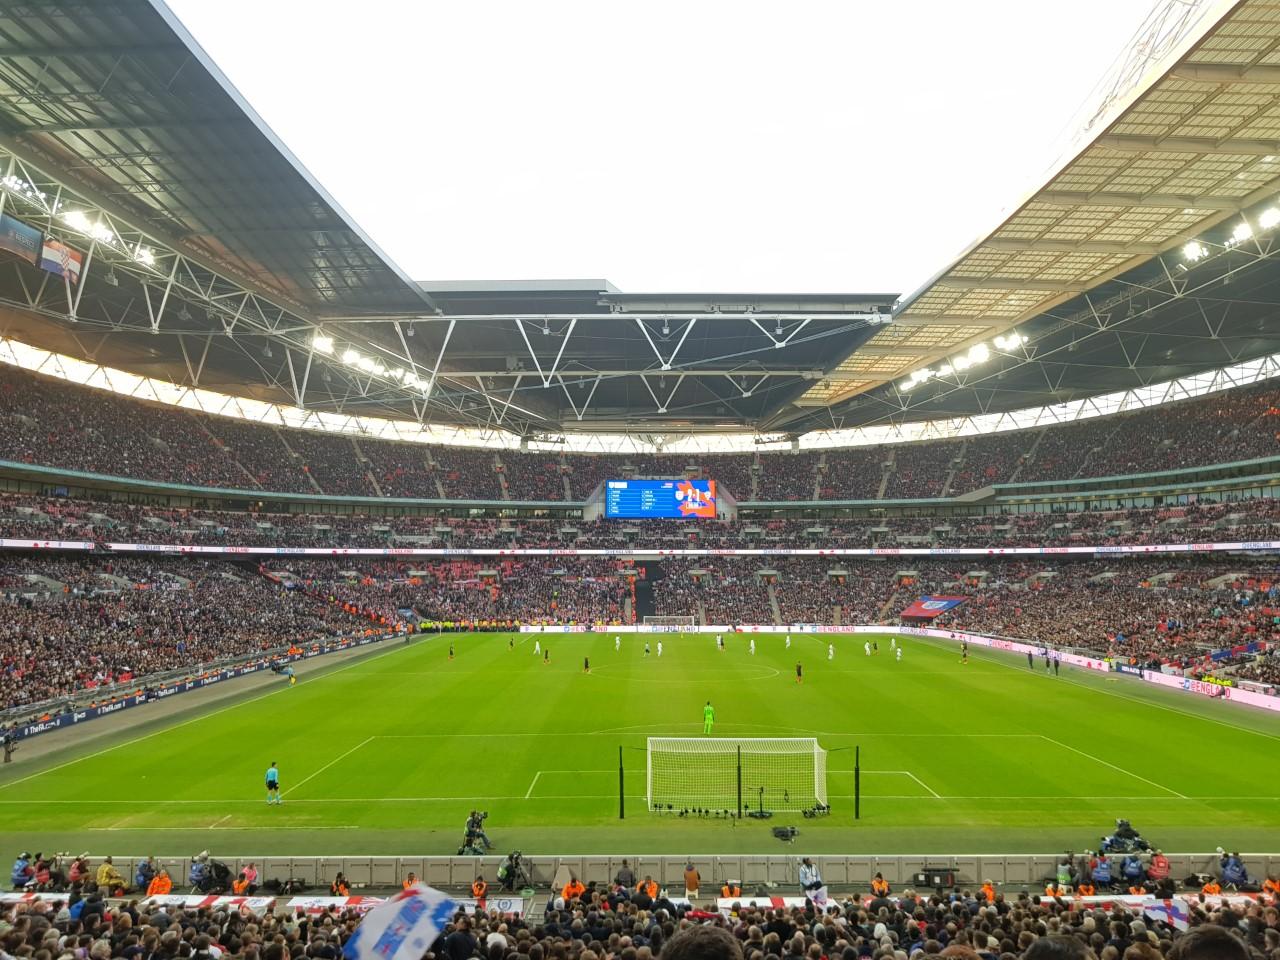 Wembley2018